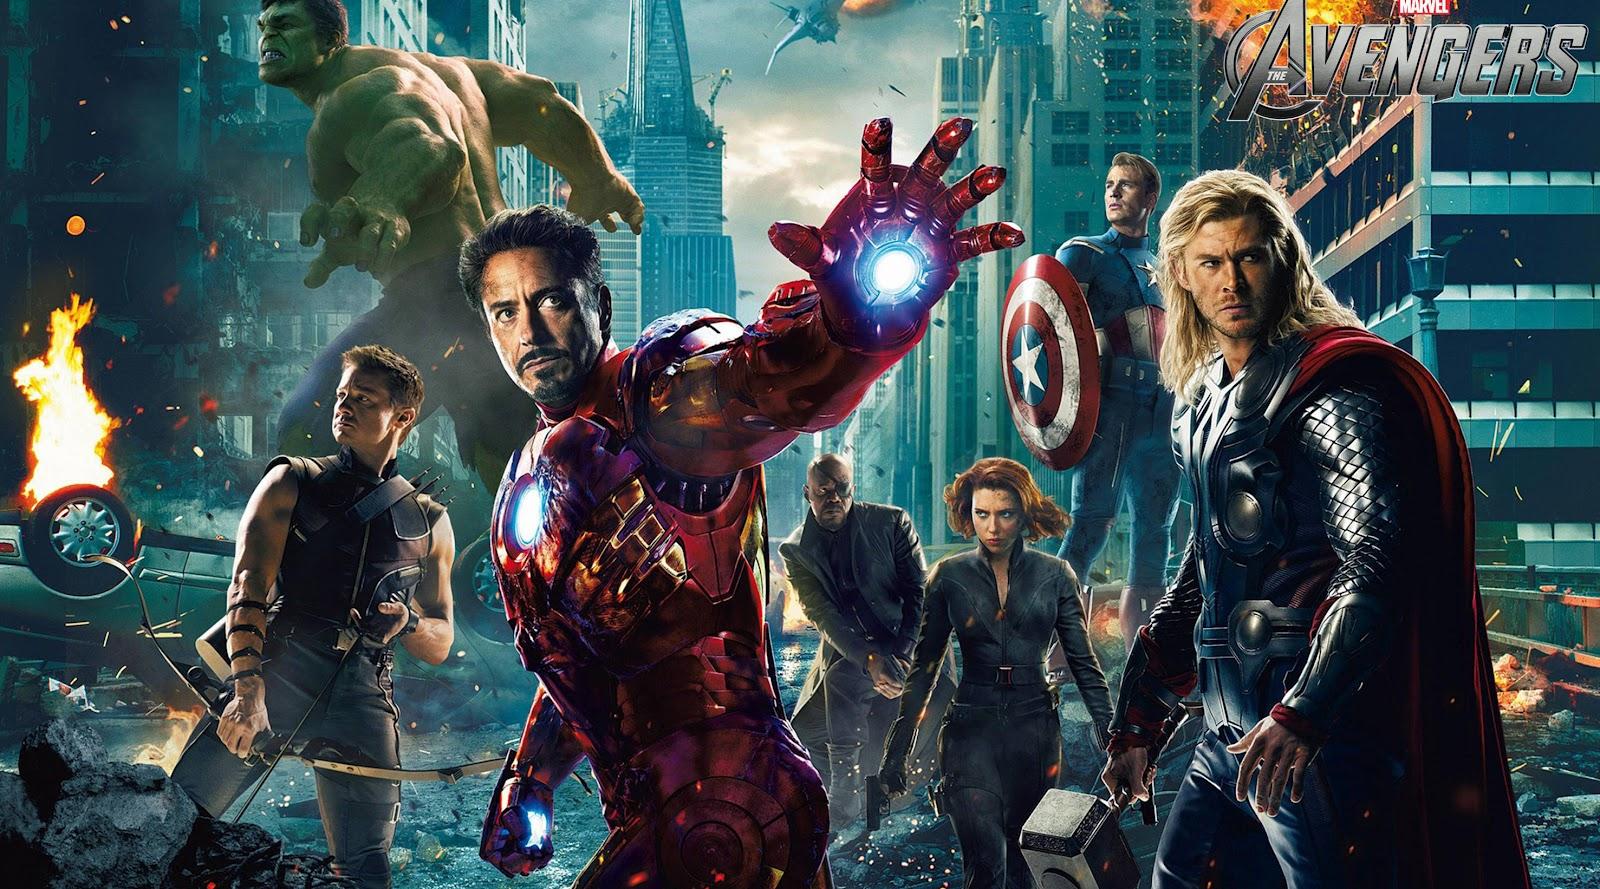 http://3.bp.blogspot.com/-SuhyYHAHOPY/T6HxcjzSM9I/AAAAAAAAGlU/8UIjMXmooO0/s1600/Avengers+Wallpaper.jpg